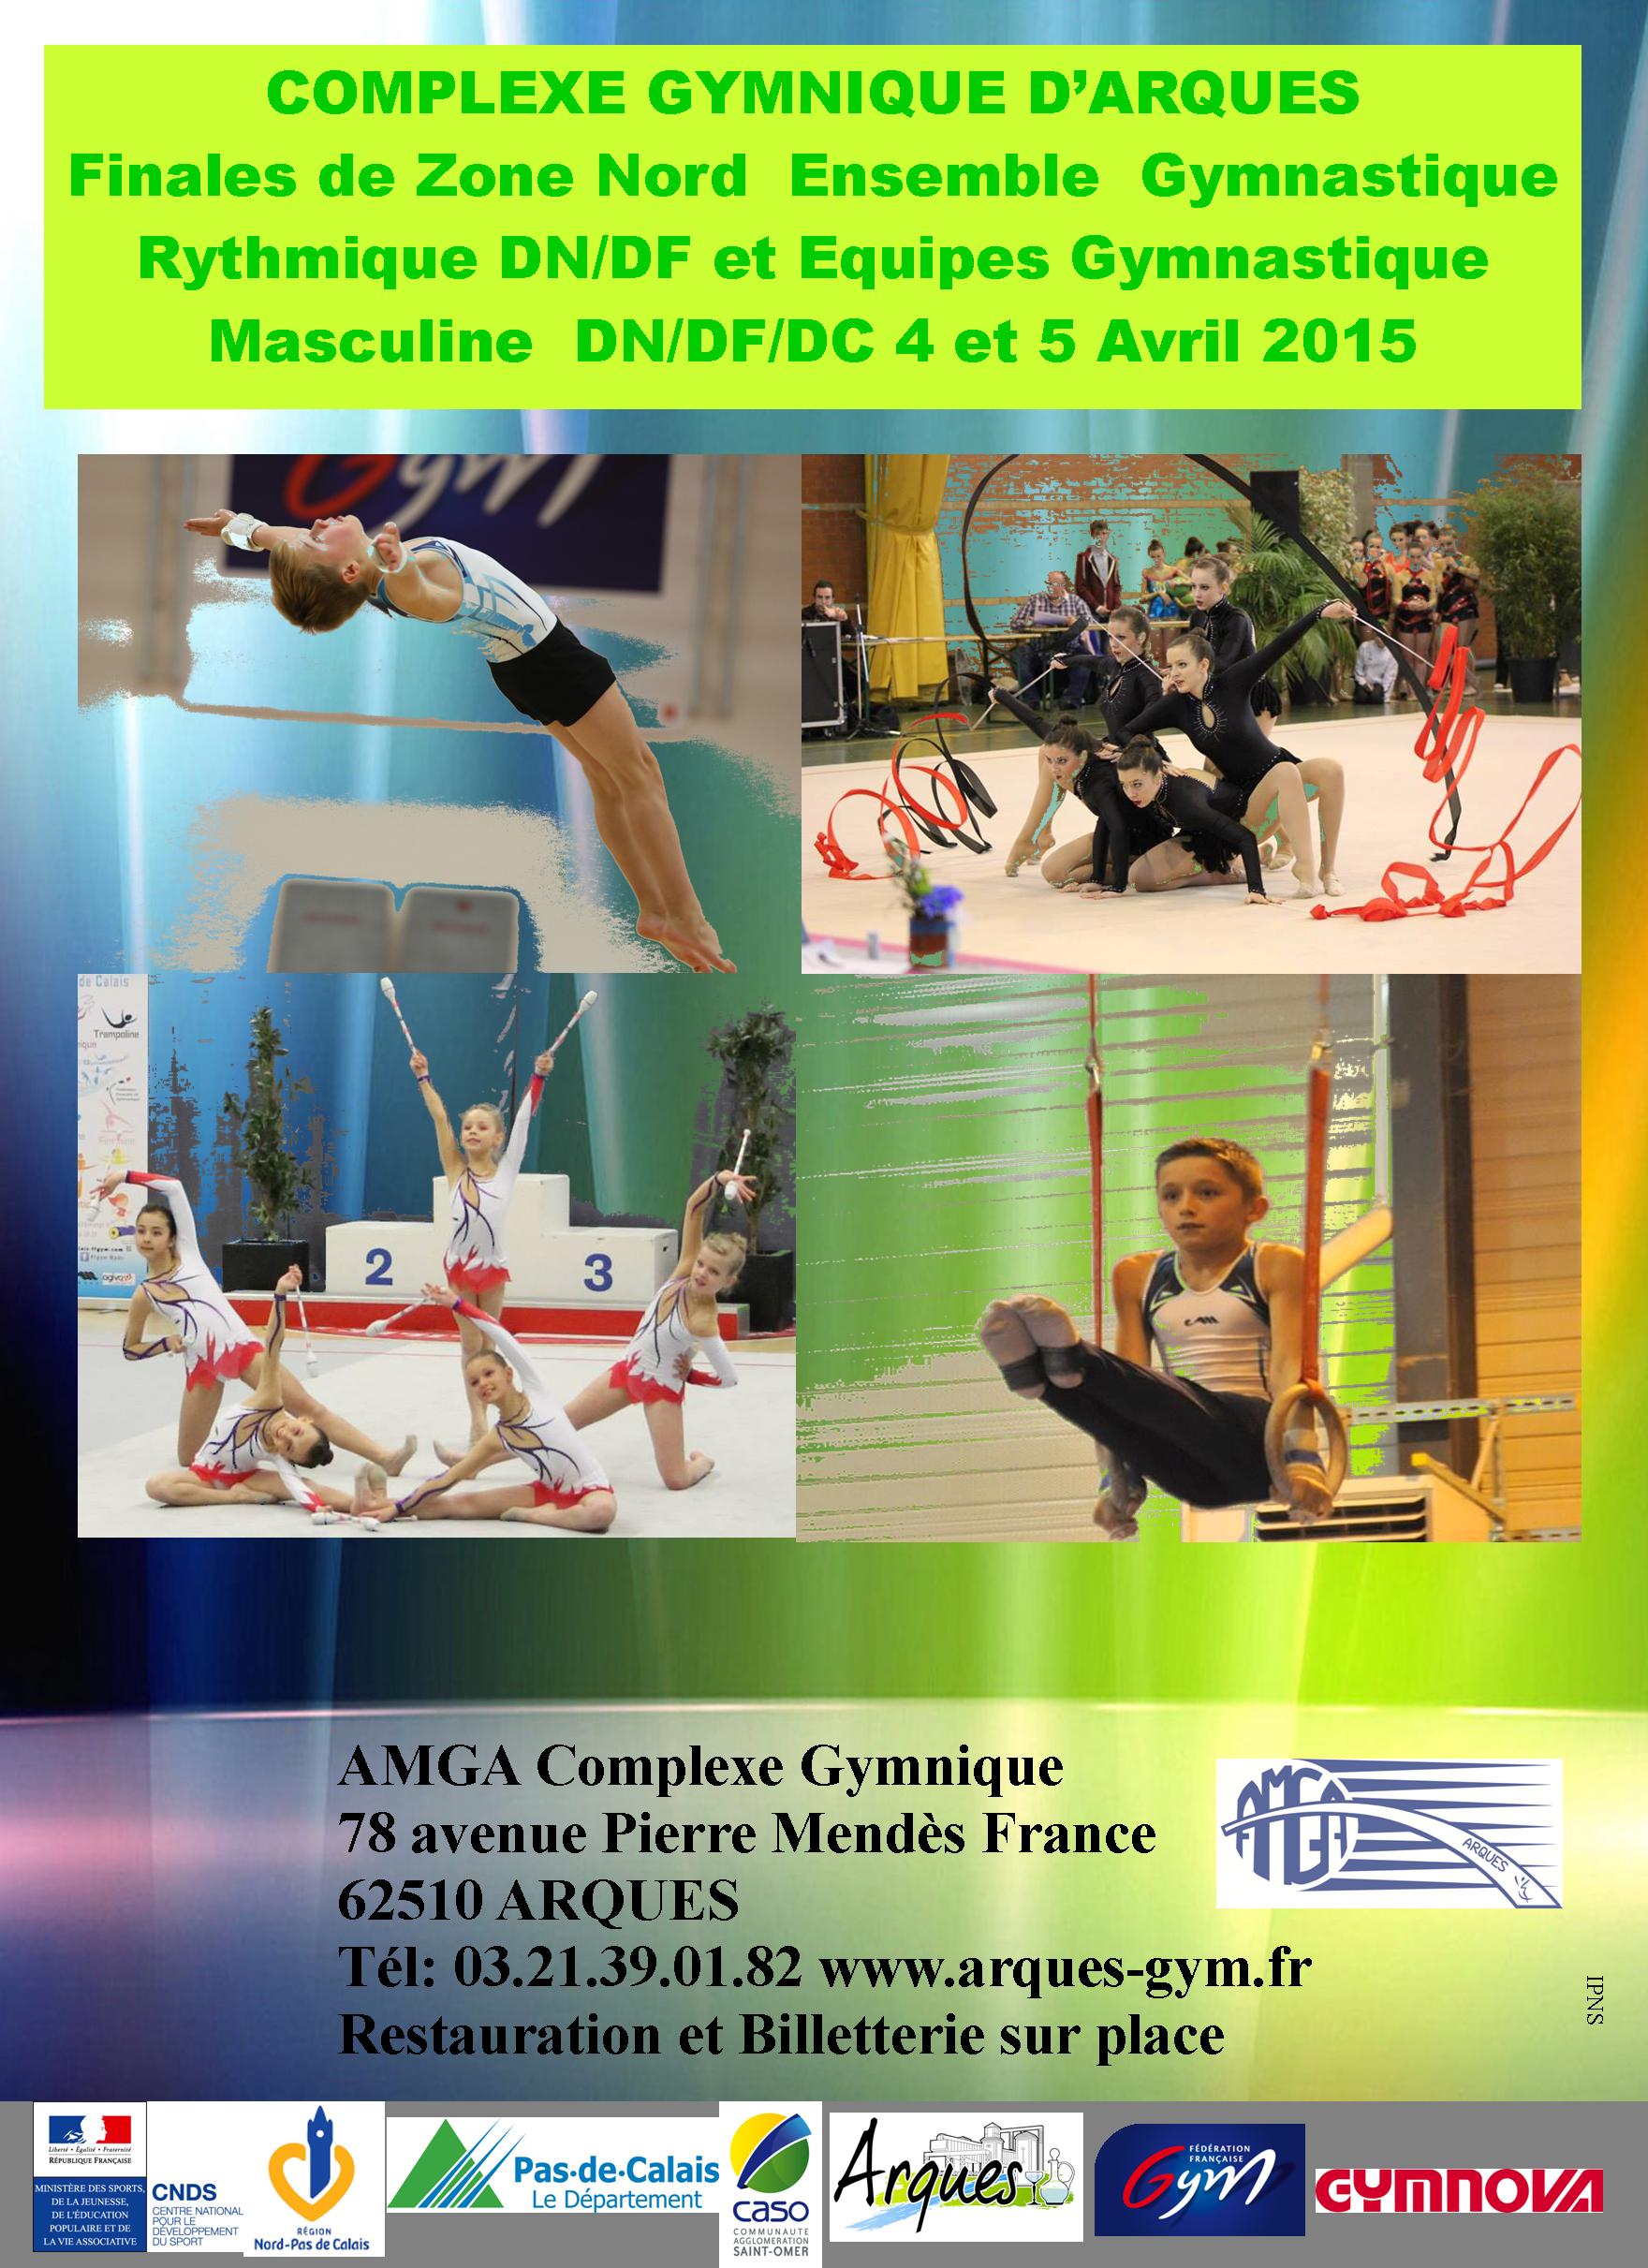 L'AMGA organise les 4 et 5 avril prochains au complexe gymnique d'Arques les finales de Zone Ensemble Gr et Equipe GAM.